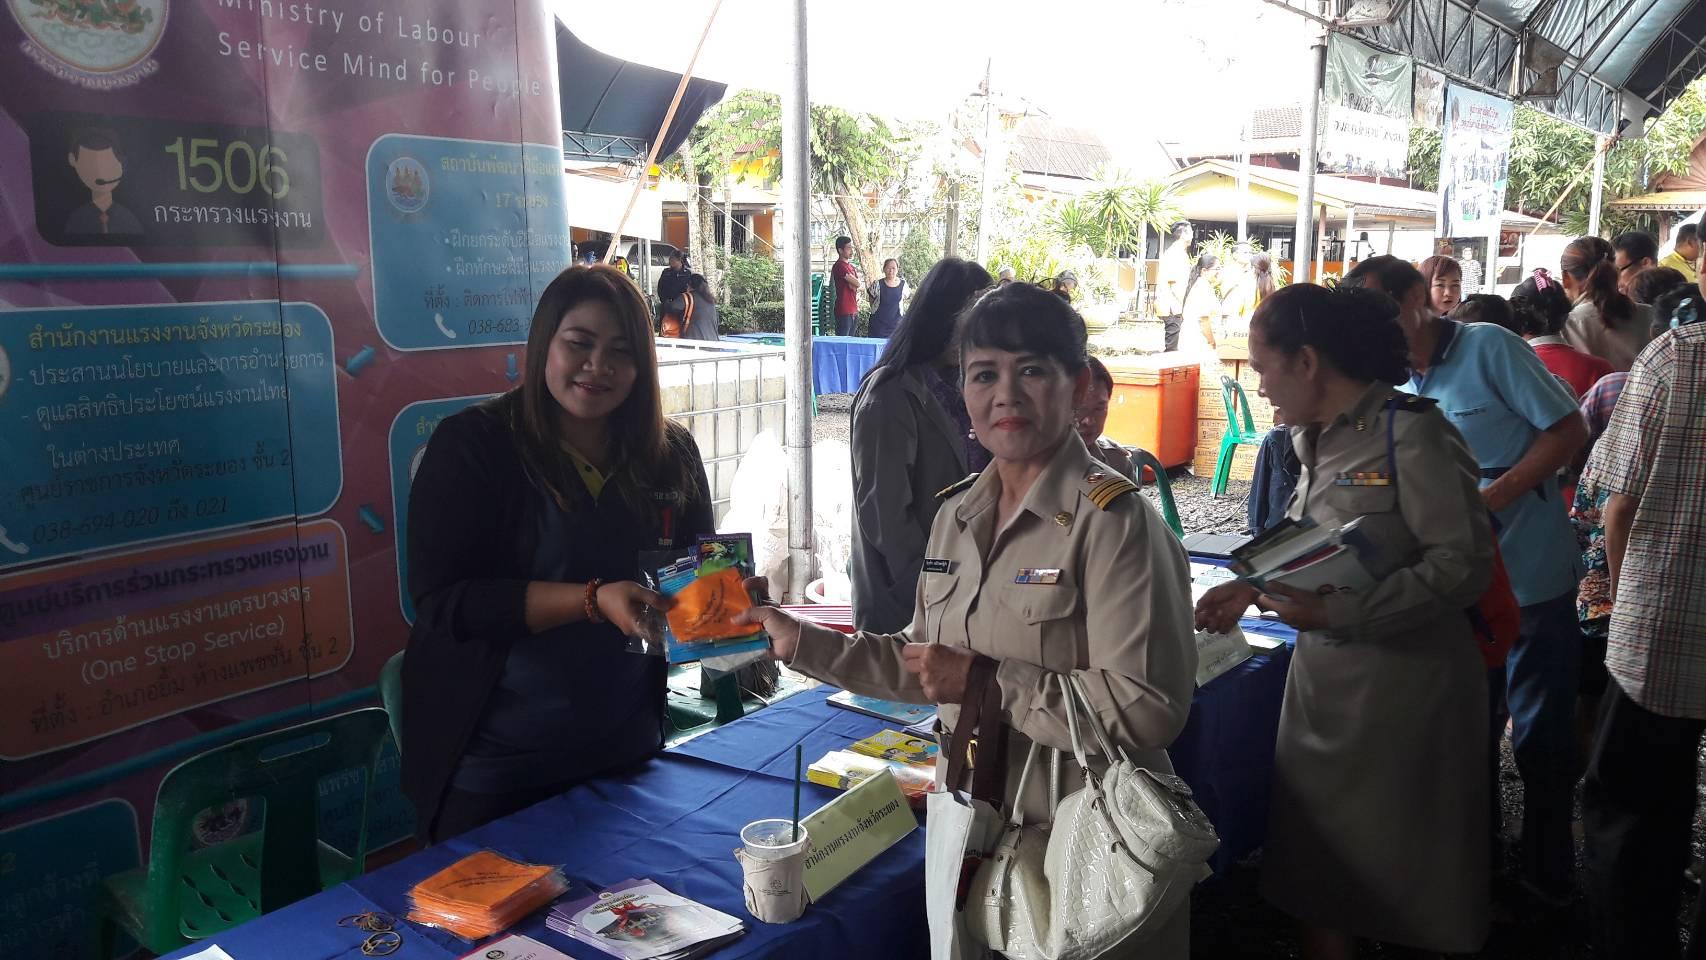 จังหวัดระยองจัดโครงการ หน่วยบำบัดทุกข์ บำรุงสุข สร้างรอยยิ้มคืนความสุขให้ประชาชน ครั้งที่ 12/2561